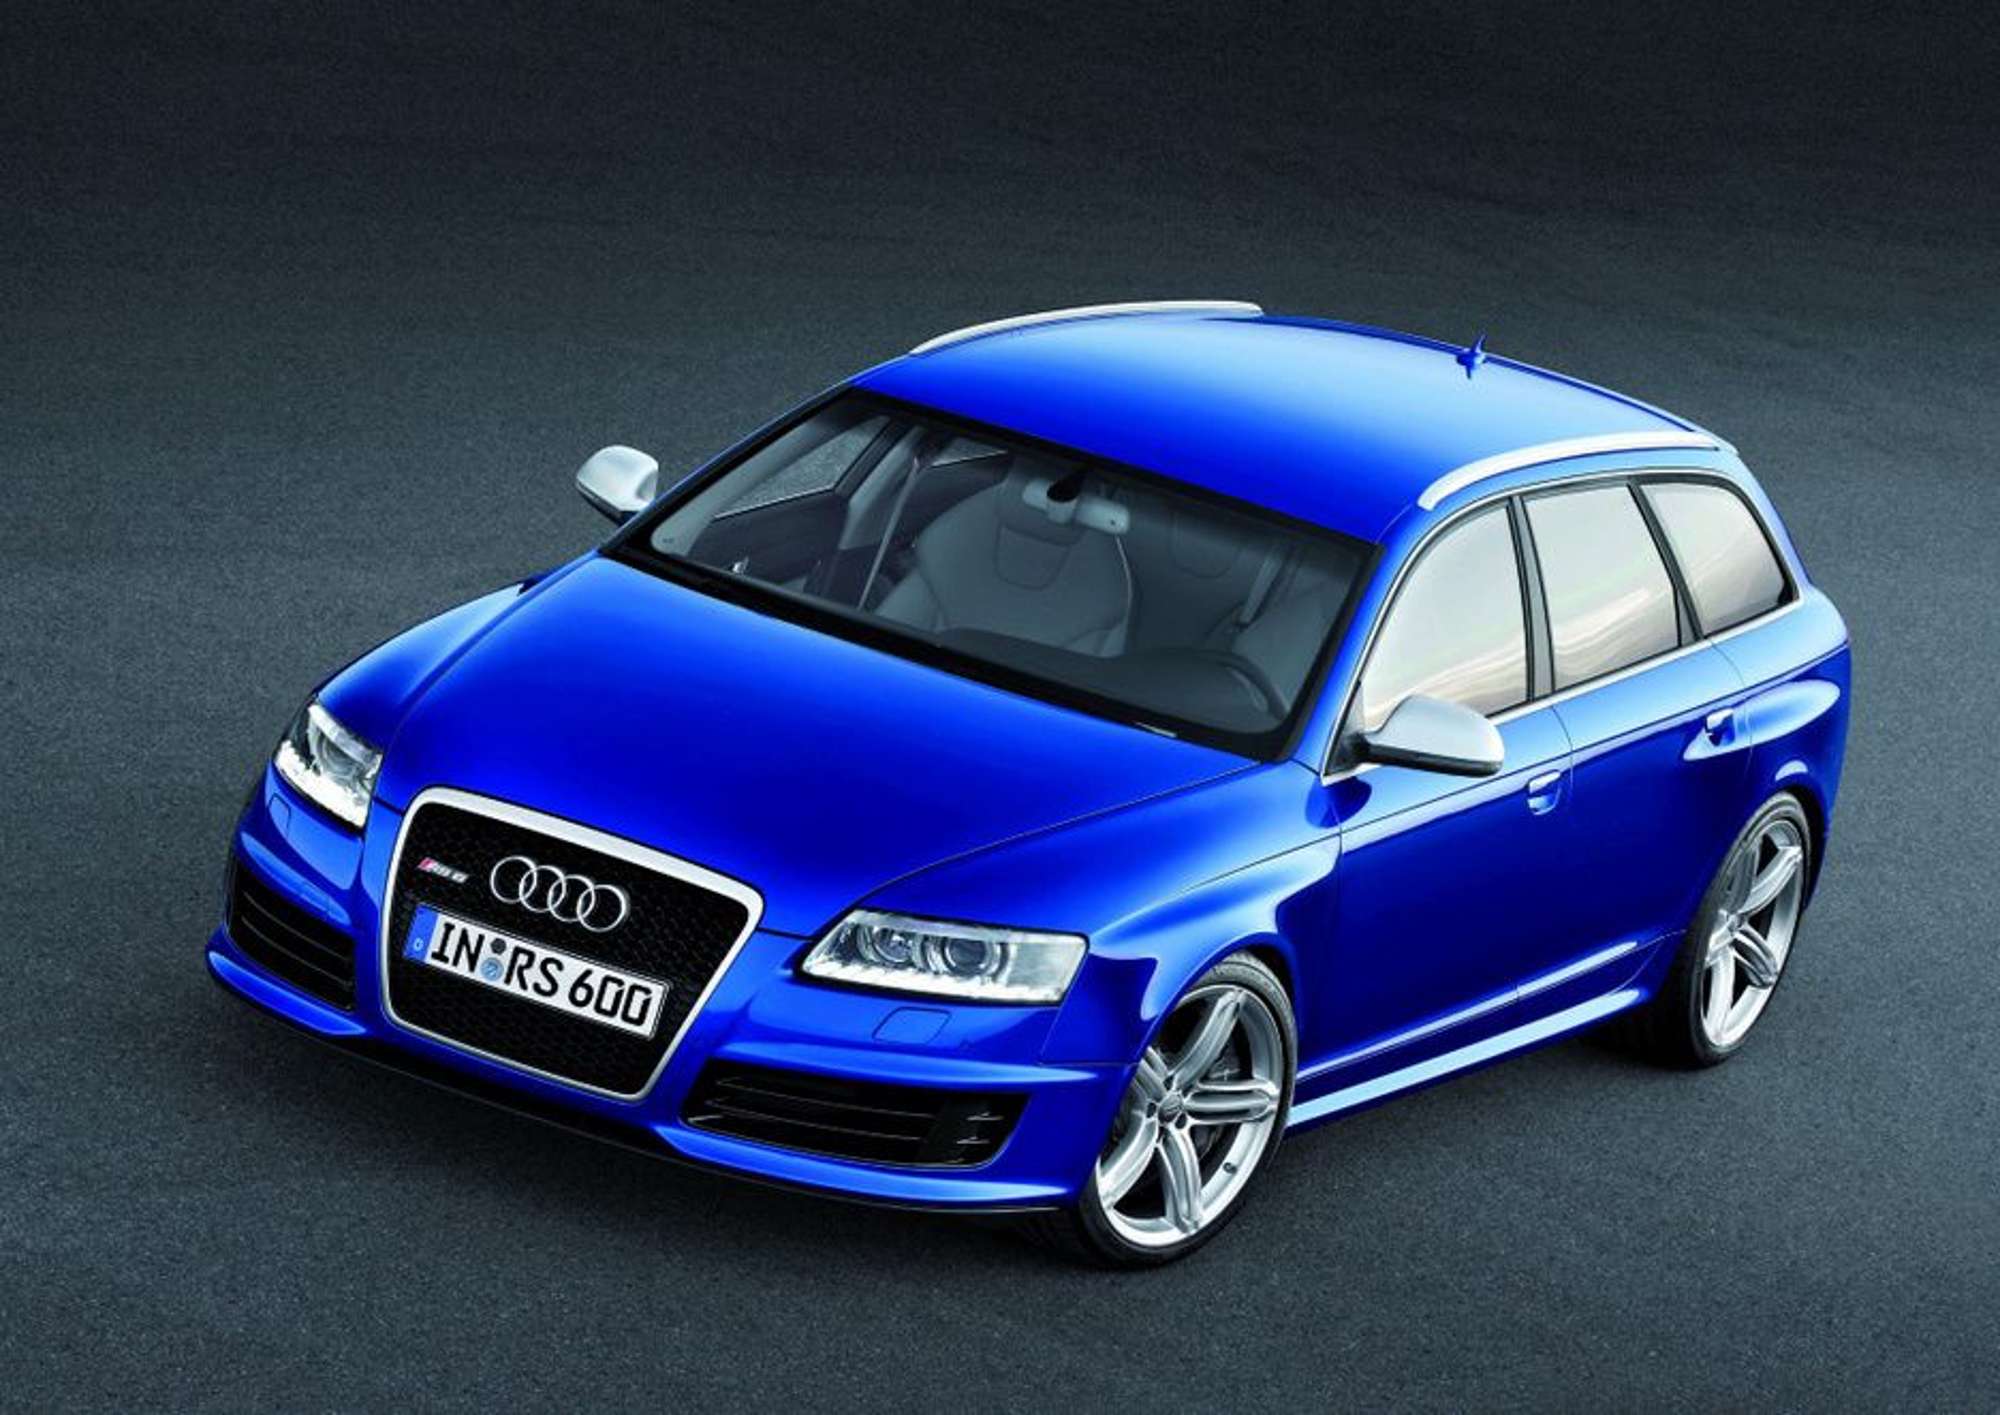 BILMESSEN I FRANKFURT: Audi RS6 er verstingversjonen av Audi A6.